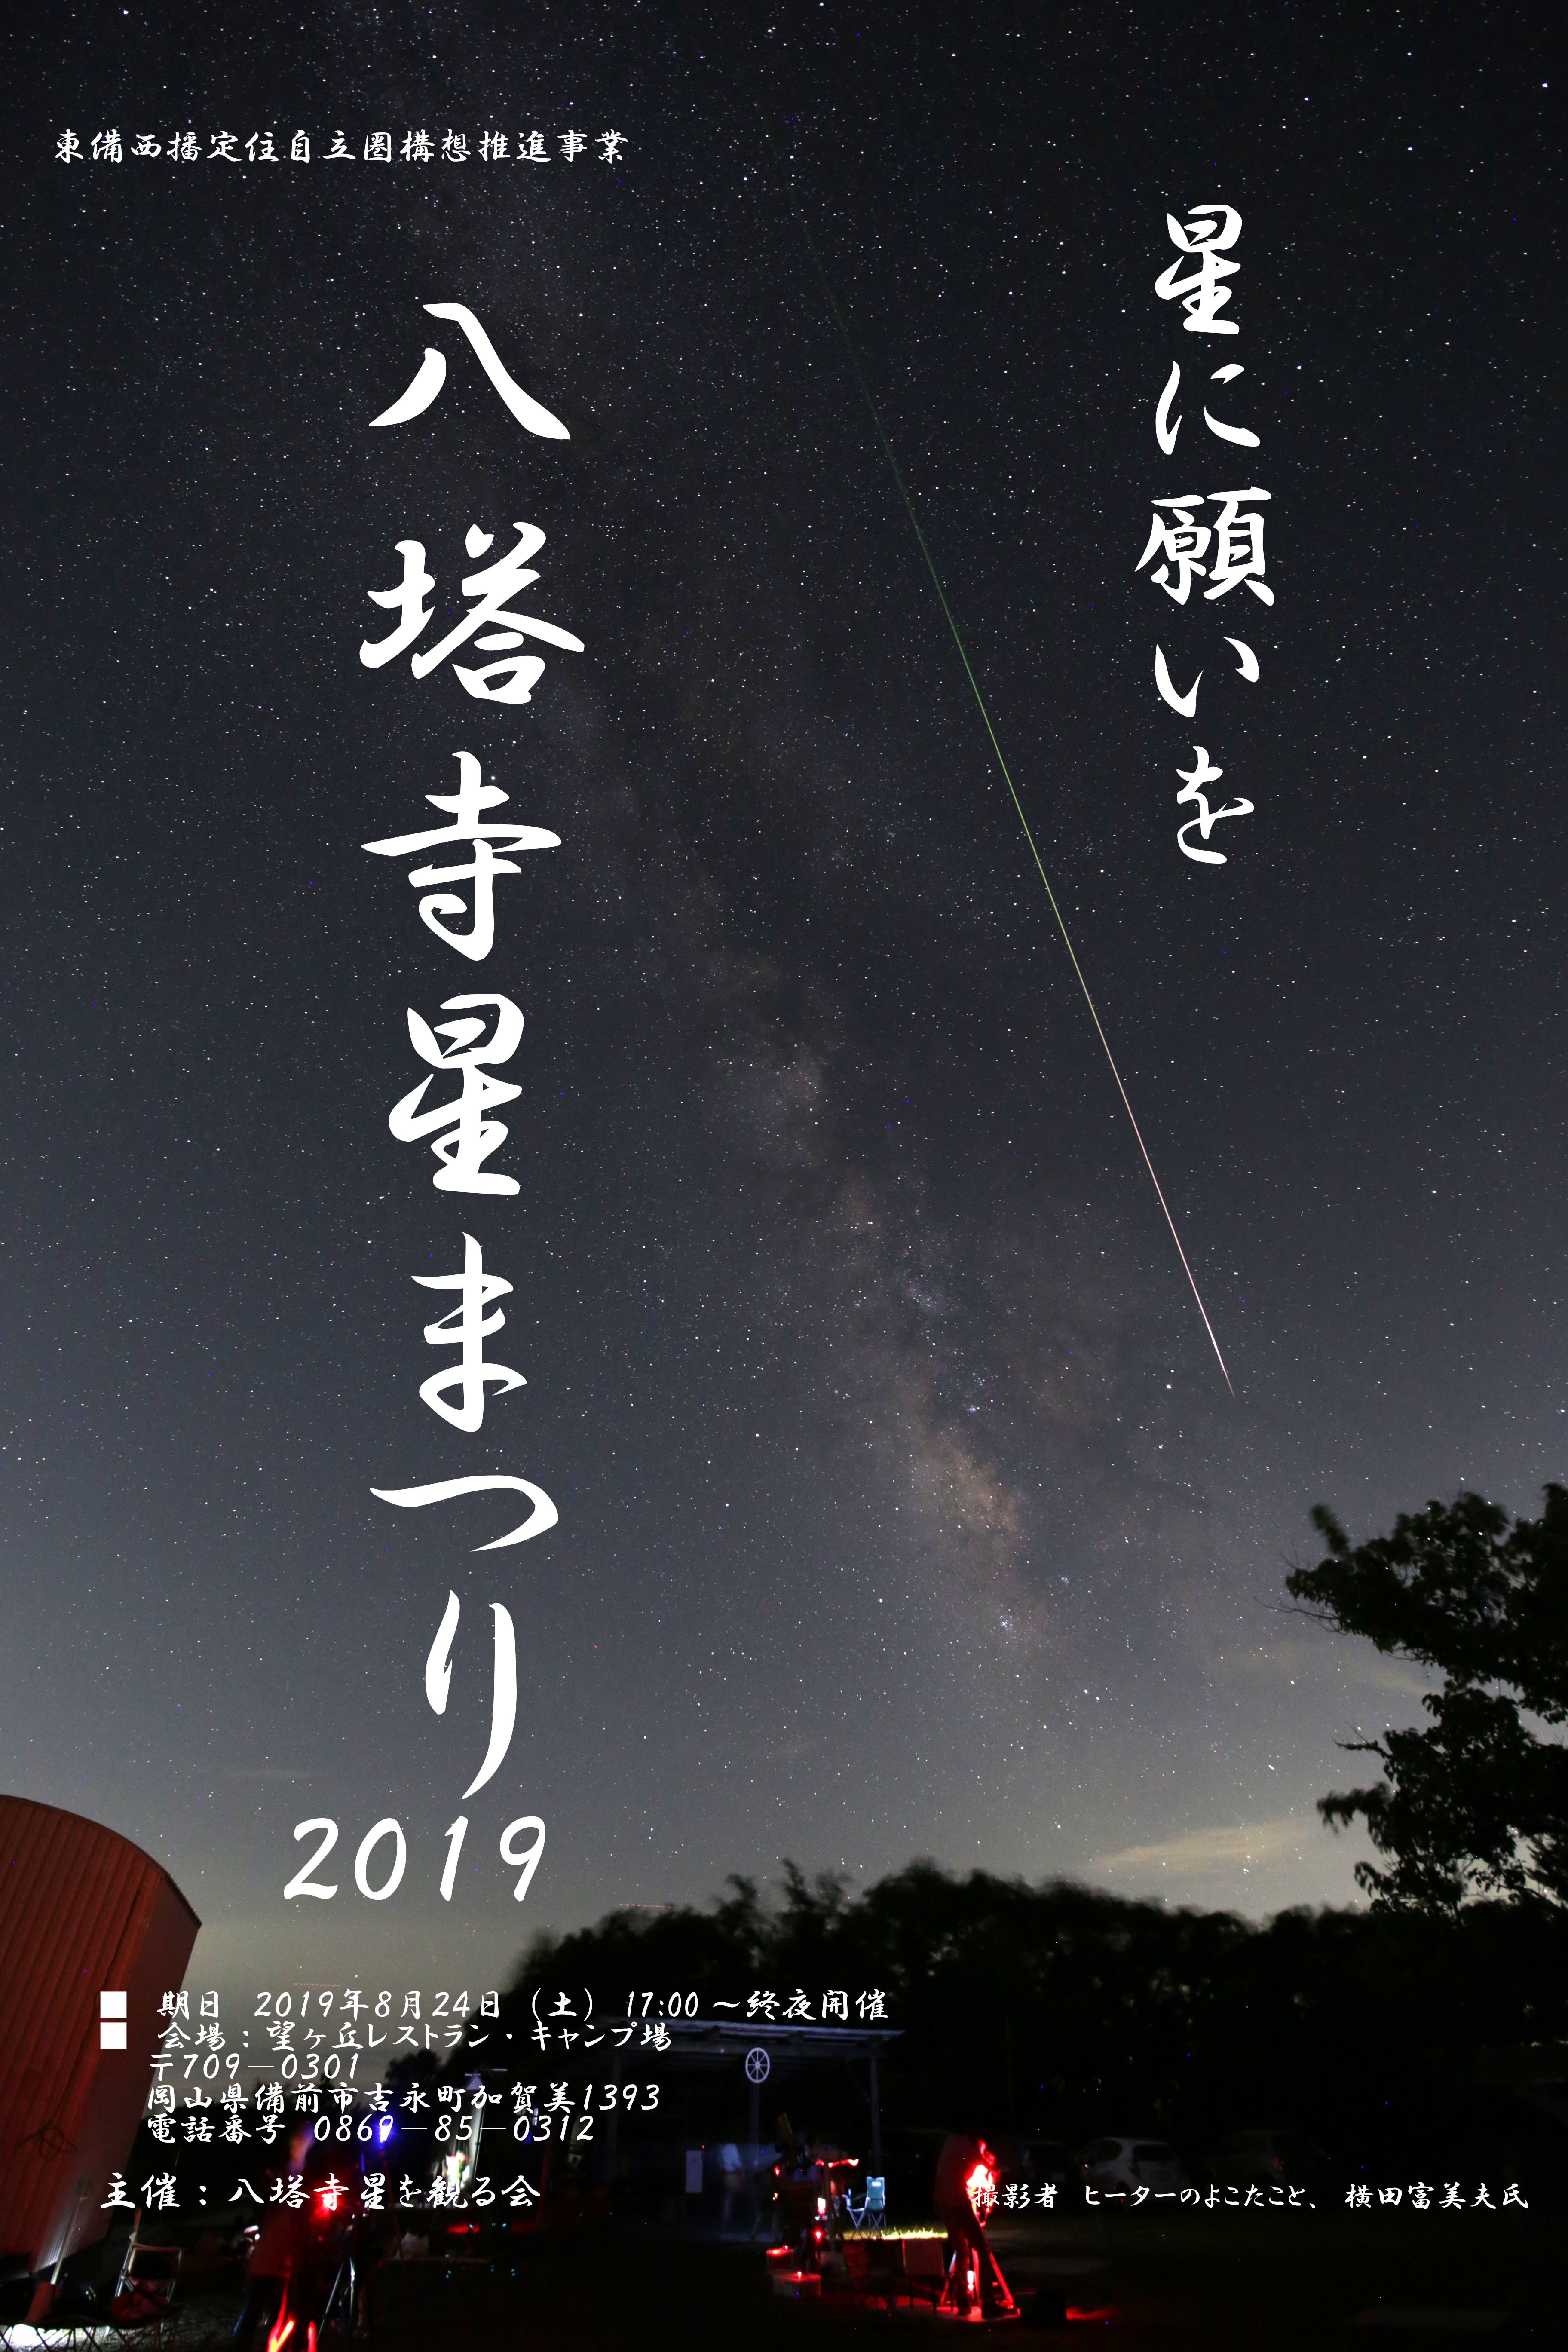 【天体】八塔寺星まつり 2019 8/24(土)